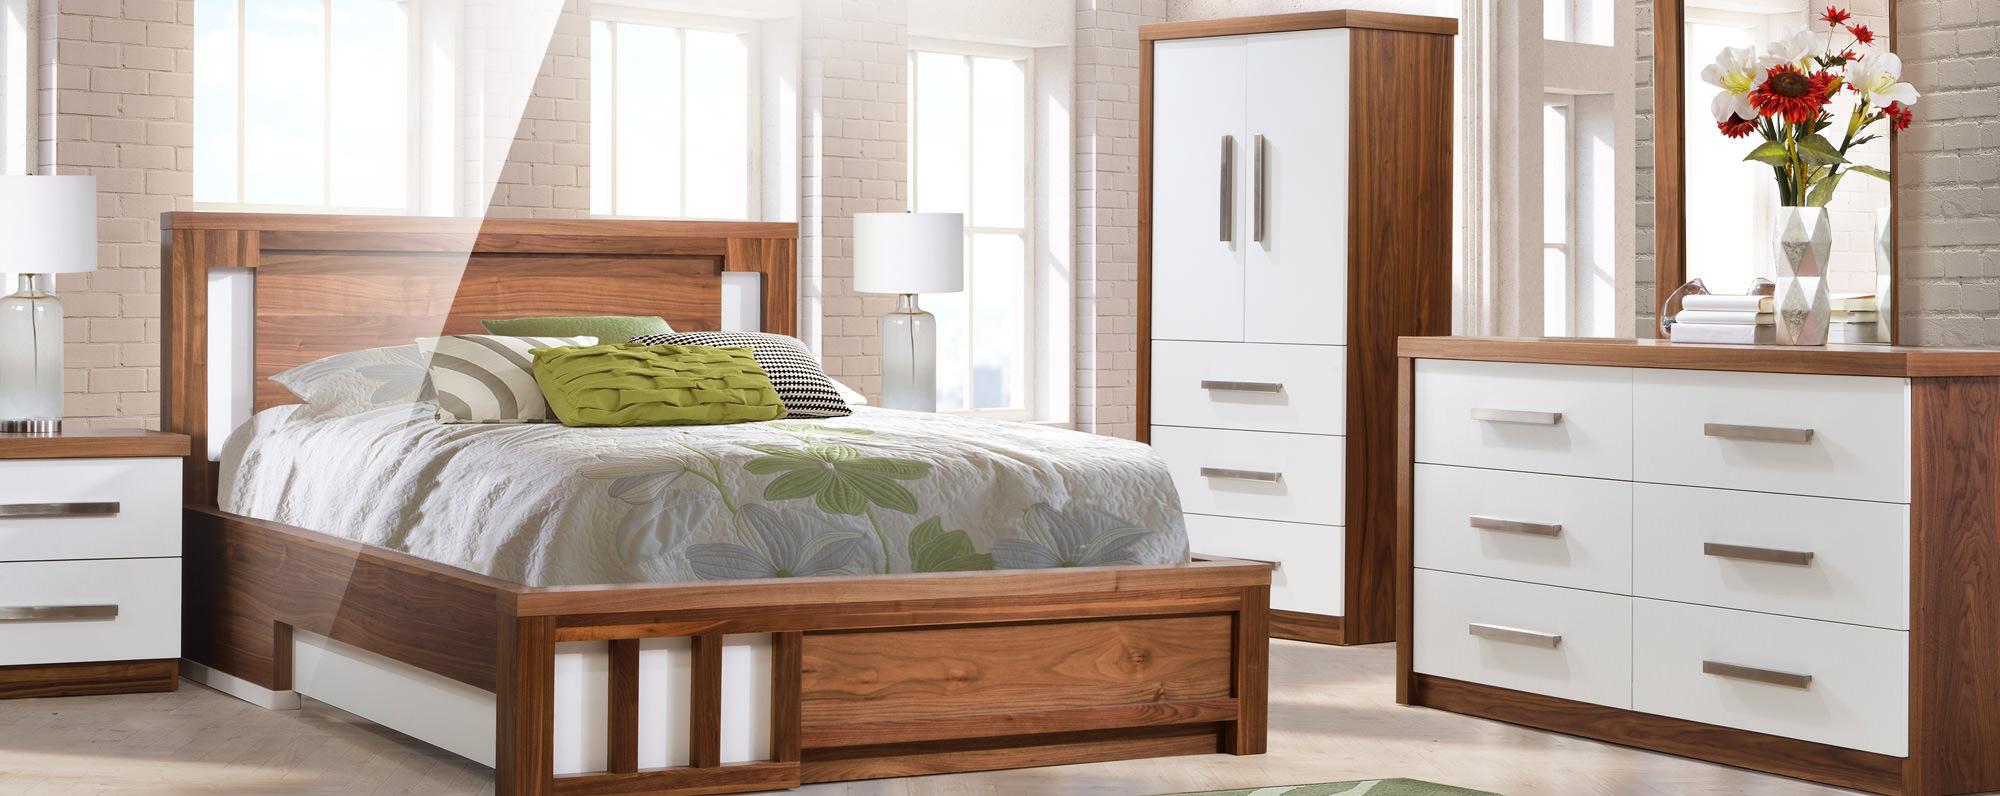 Meubles de chambre meubles tv qu bec nouveau brunswick for Chambre mobilier